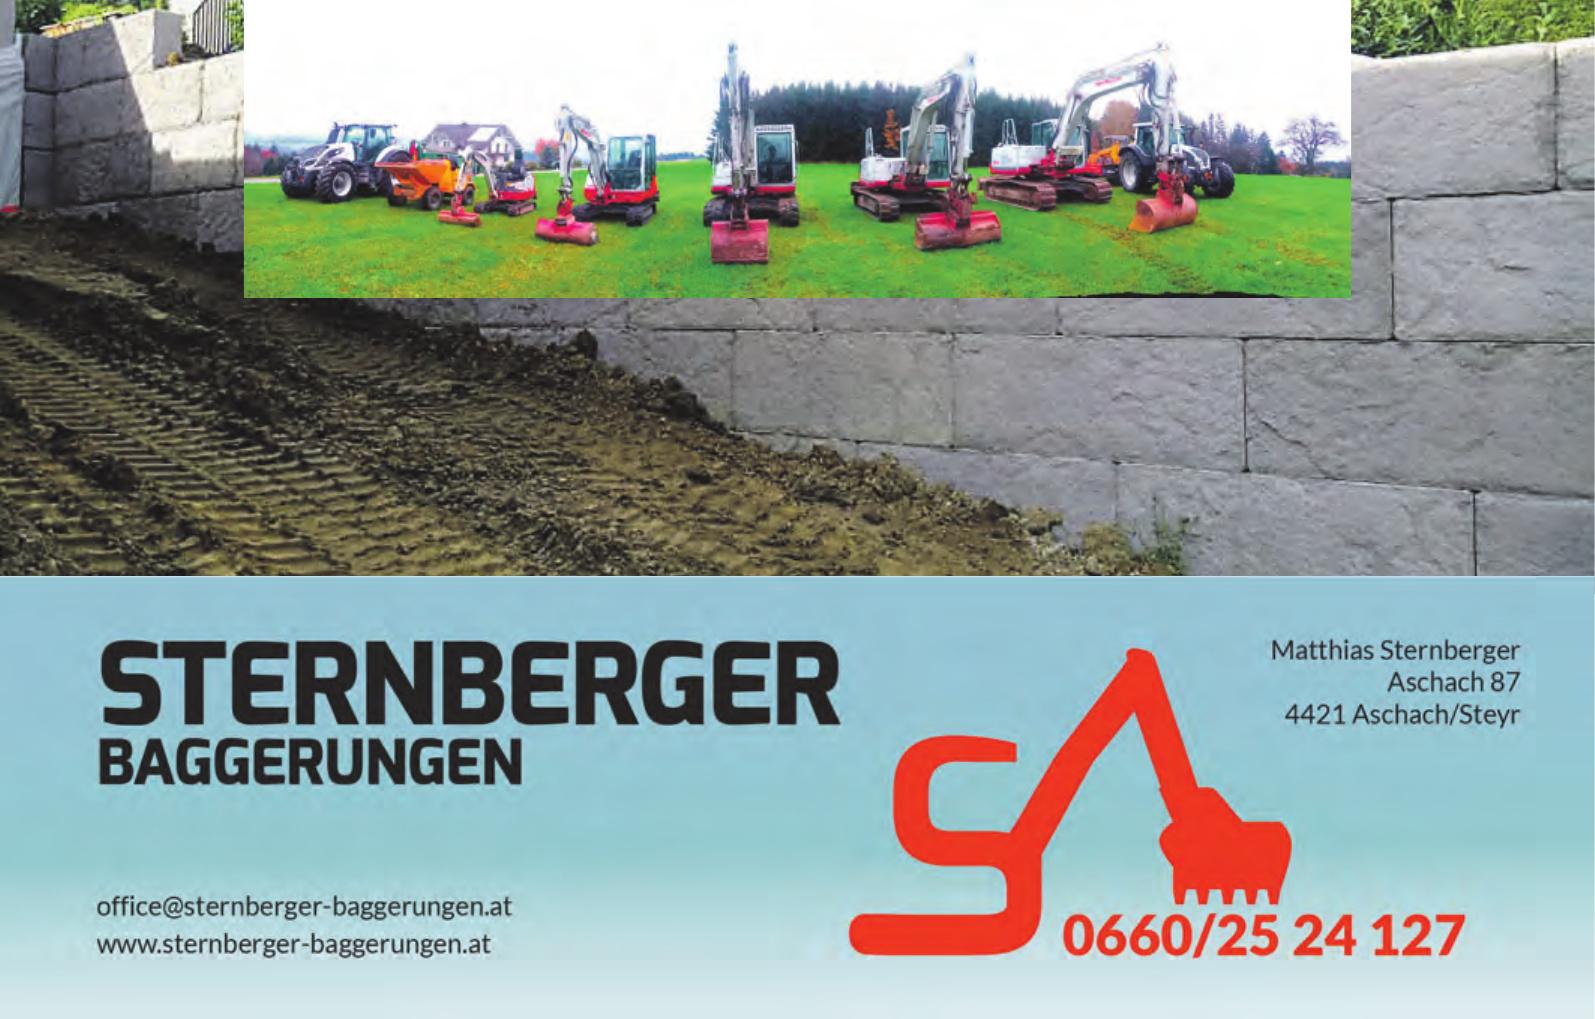 Sternberger Baggerungen